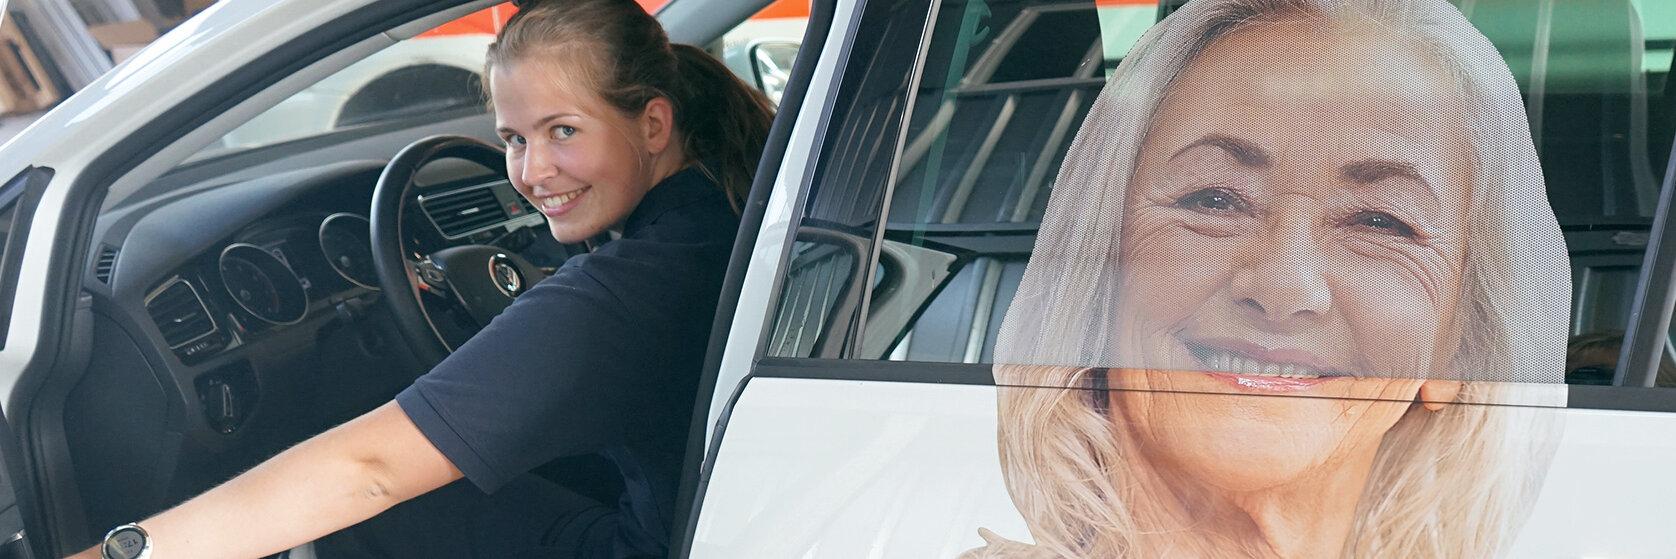 Johanniterin in dunkelblauer Dienstkleidung am Steuer eines Wagens mit Hausnotruf-Werbung